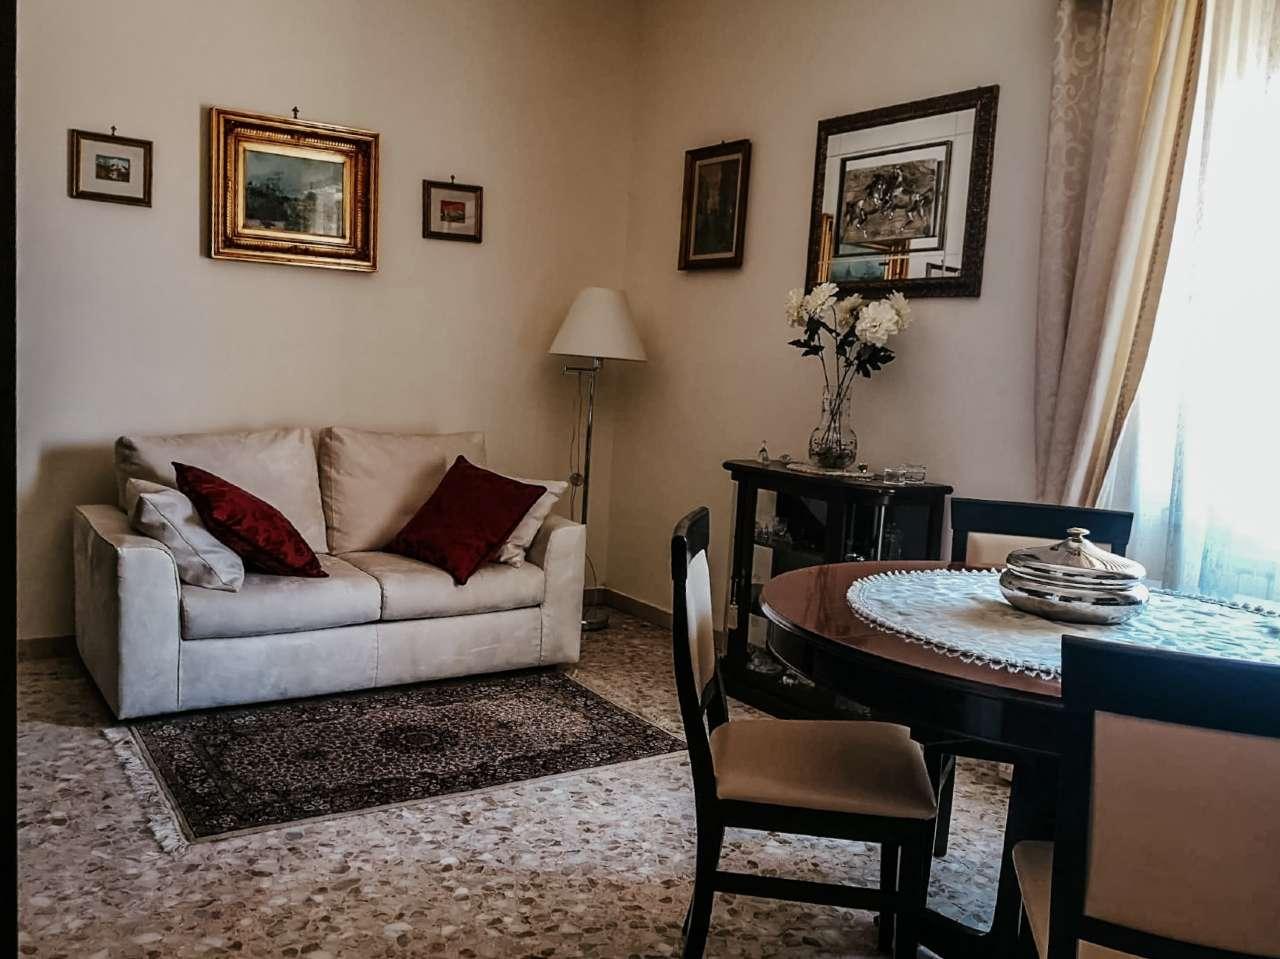 Appartamento in vendita a Tivoli, 3 locali, prezzo € 130.000 | CambioCasa.it